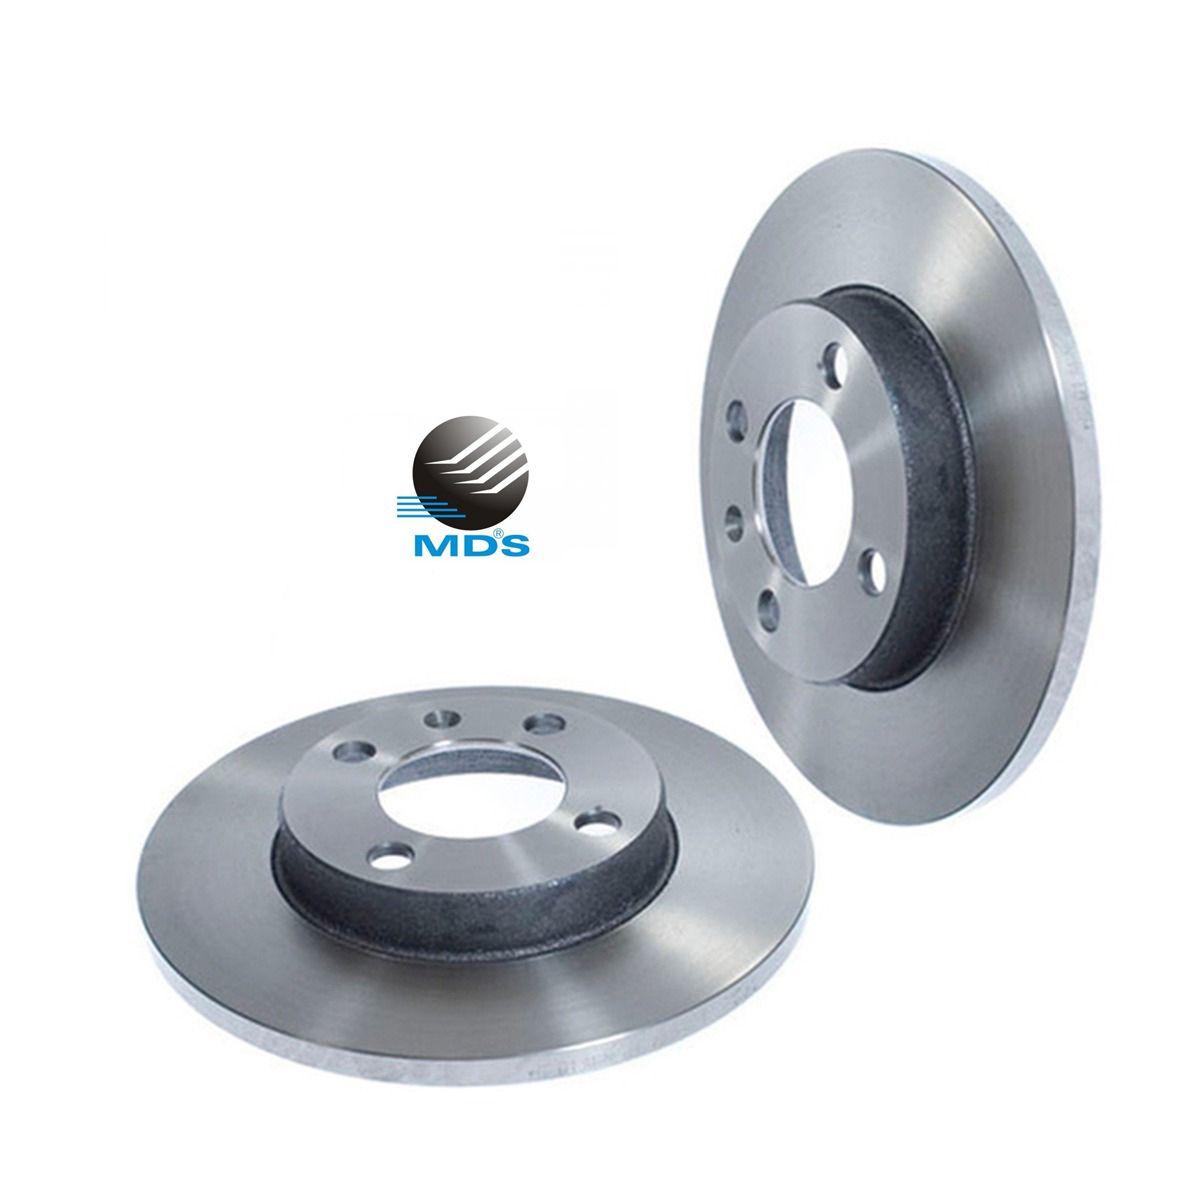 Disco de freio dianteiro ventilado peogeot 307 308 1.6 2.0 mds D695C